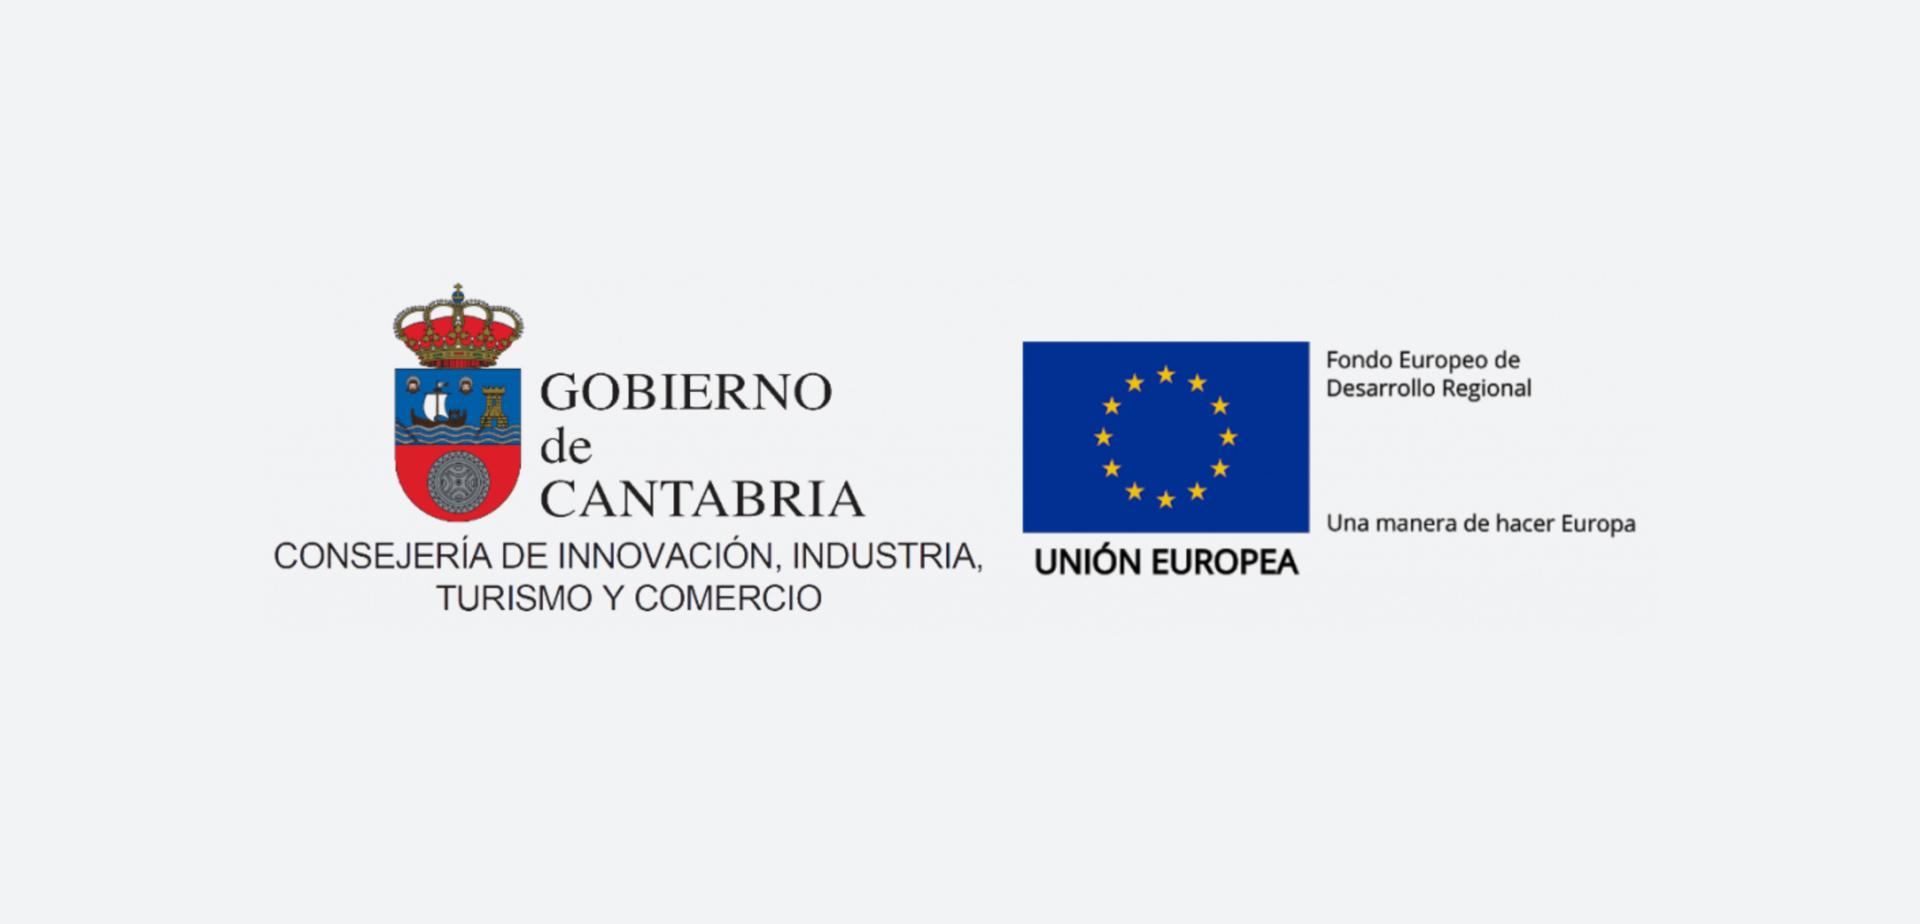 INGECID obtiene financiación de la Consejería de Innovación, Industria, Turismo y Comercio para ayudar a frenar la COVID-19 a través del proyecto TEC-O3.